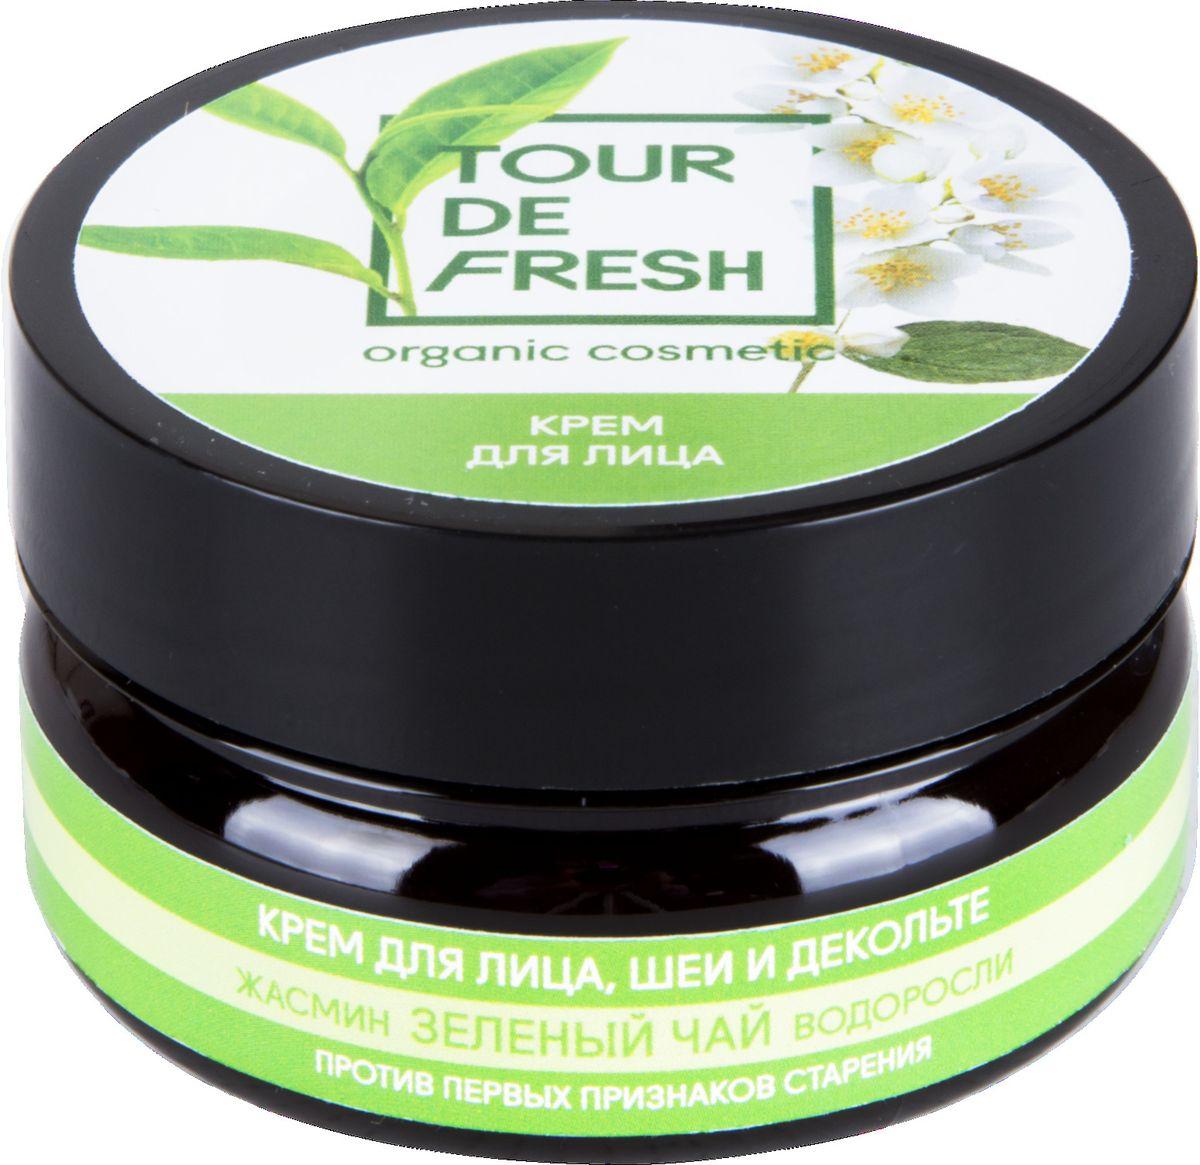 Tour De FreshКрем для лица, шеи и декольте Зеленый чай, жасмин и водоросли, 60 мл Tour De Fresh